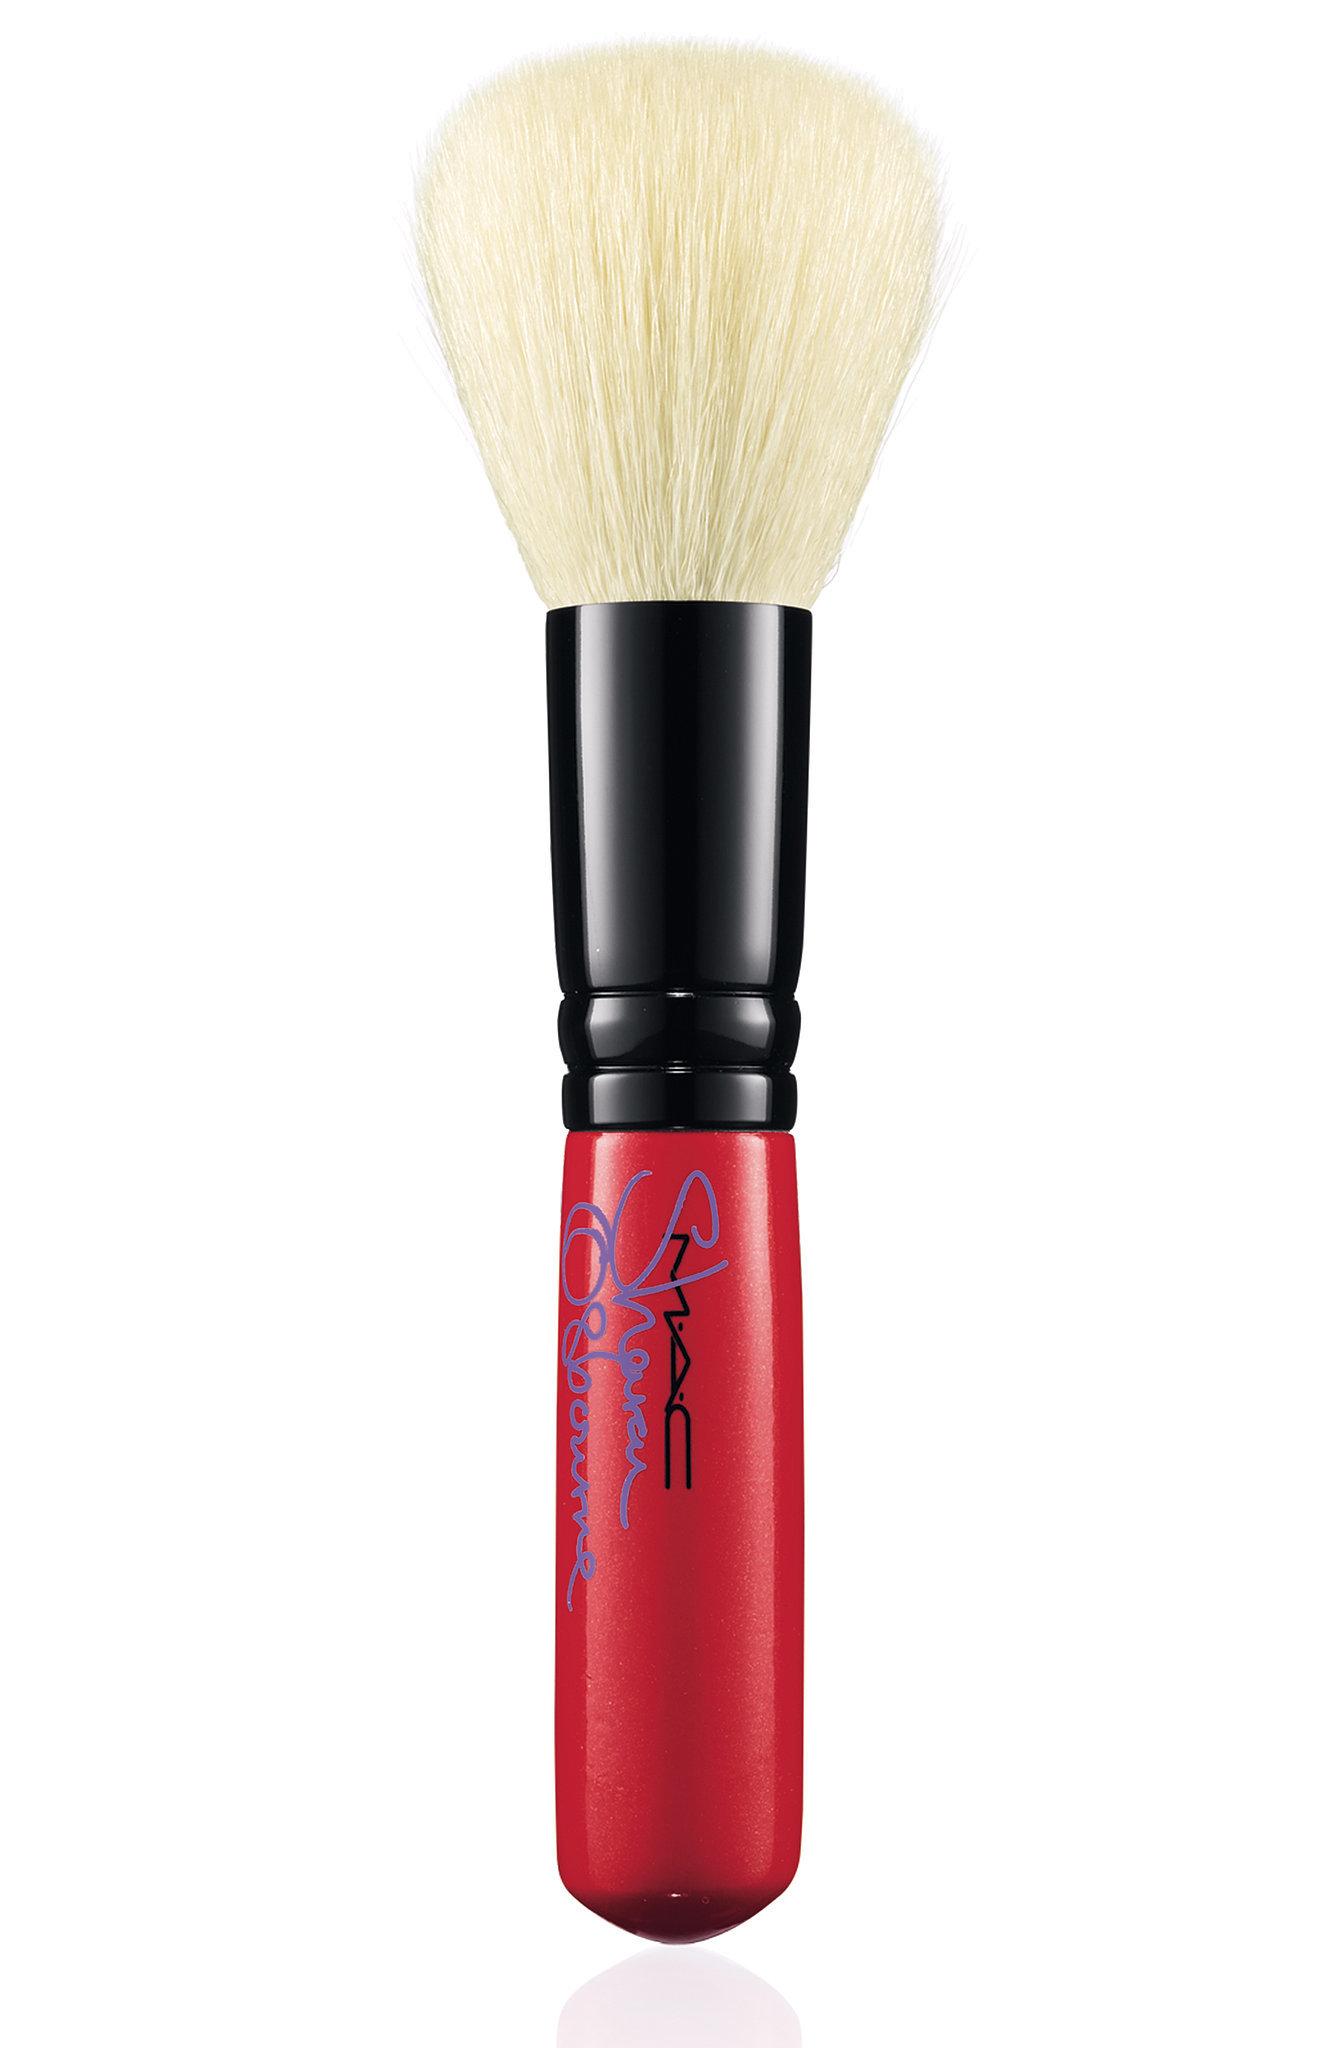 Sharon Osbourne Face Blender Brush ($39)